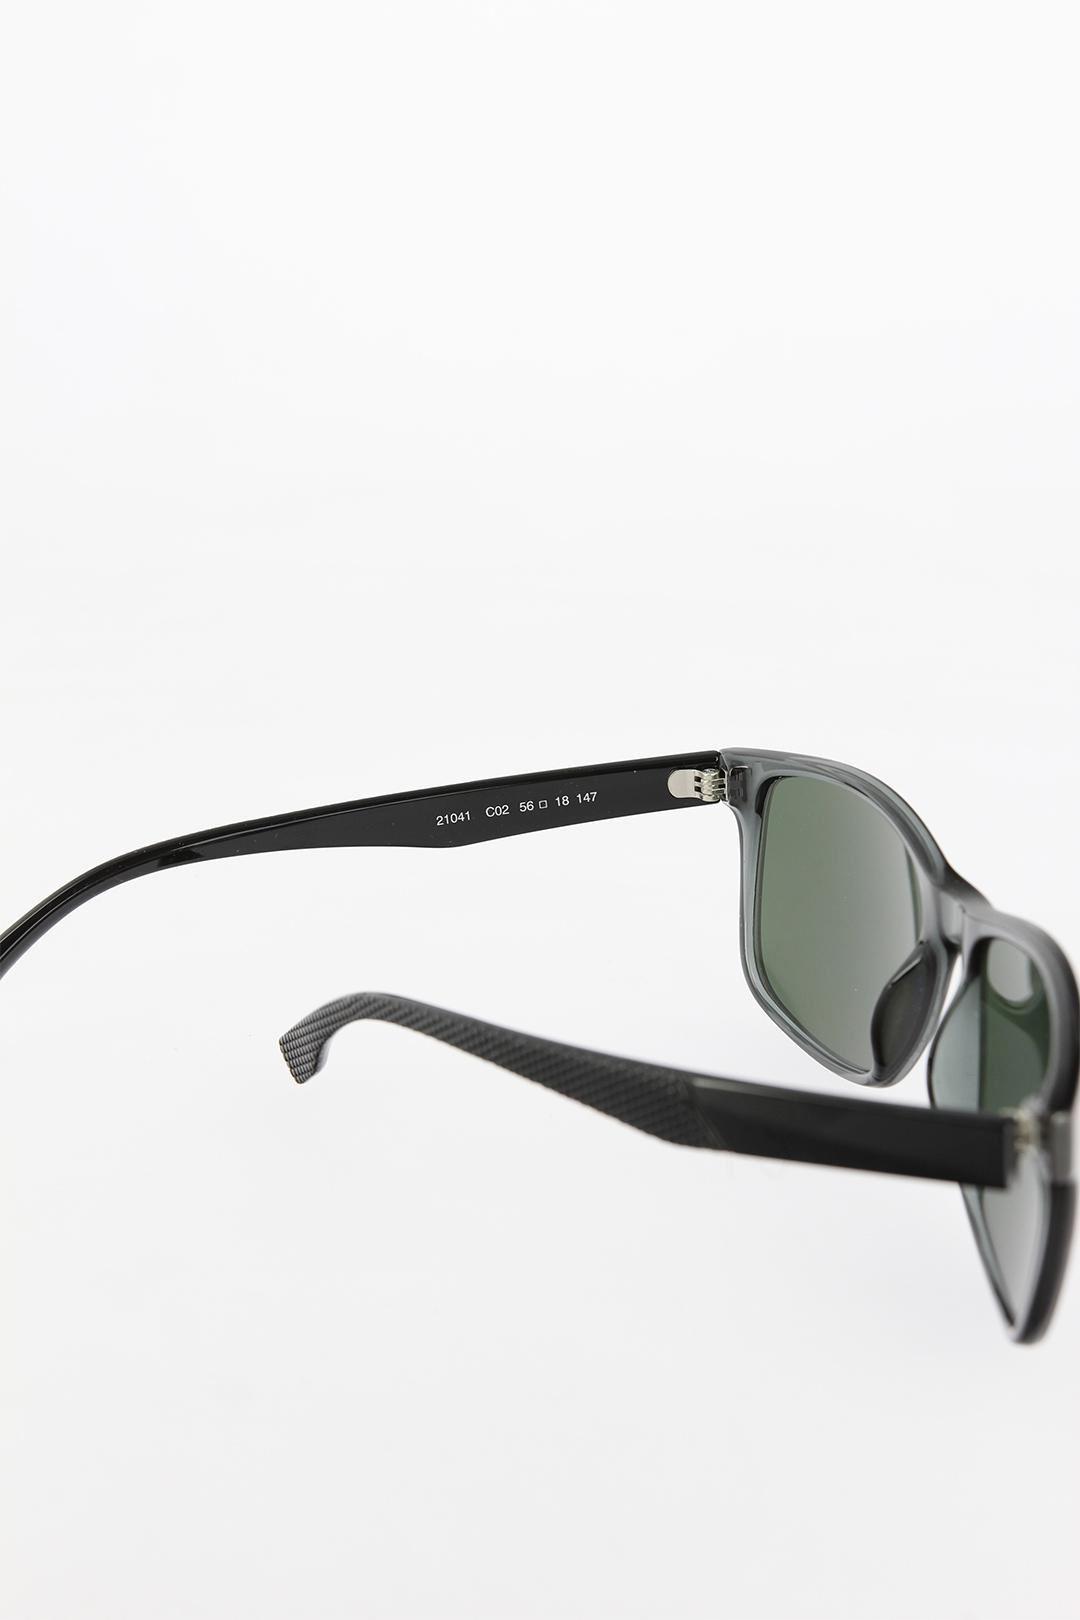 Gri Renk Çerçeveli Siyah Renk Saplı Erkek Güneş Gözlüğü